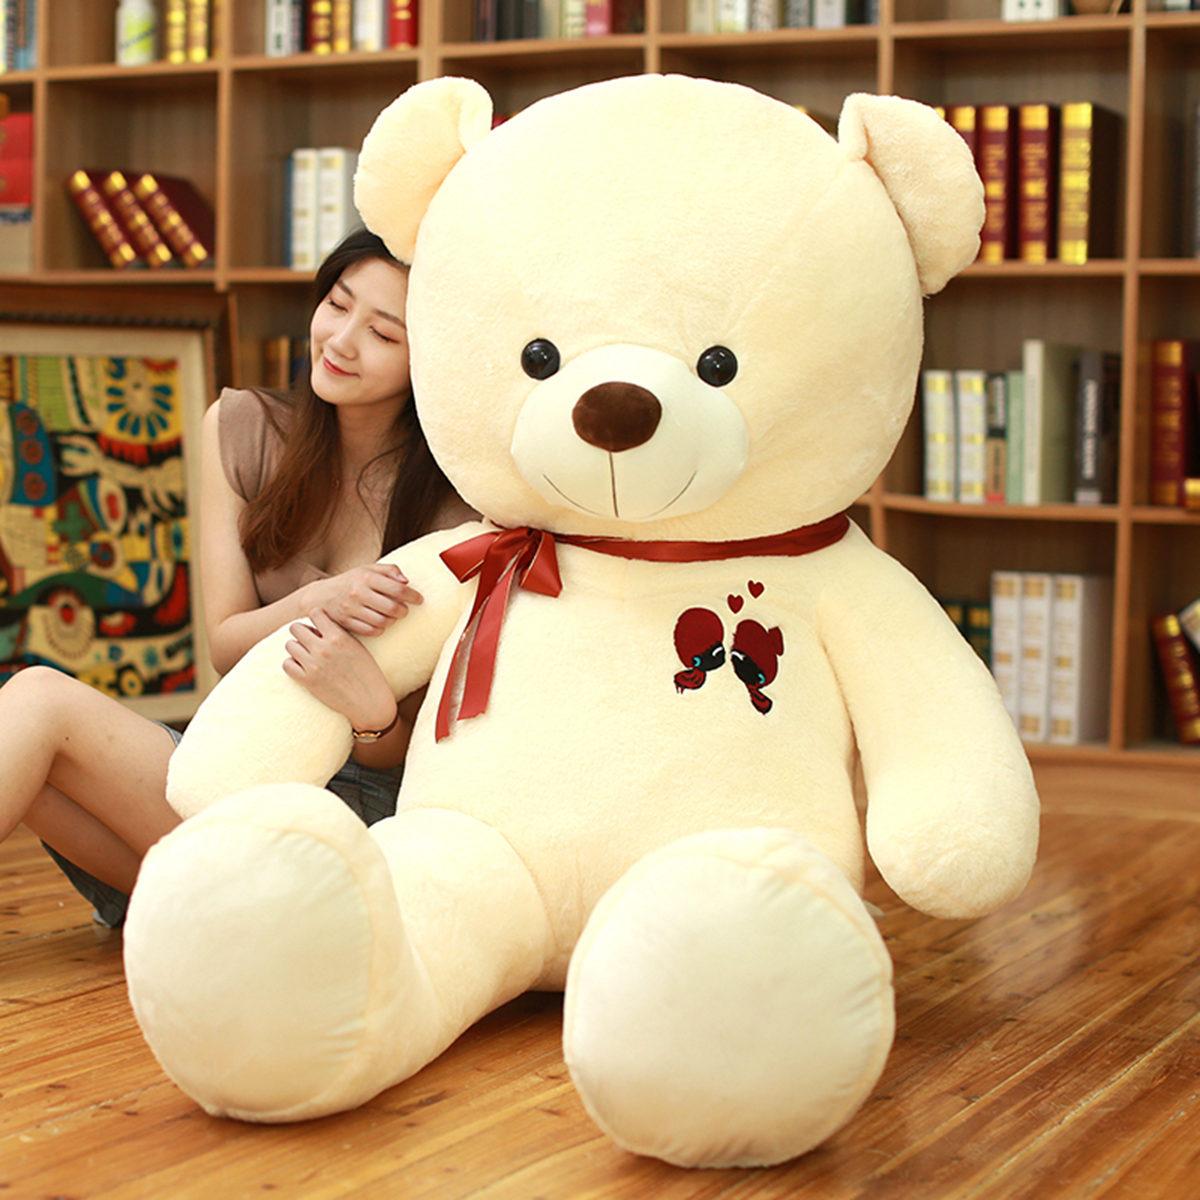 Búp bê vải Gấu bông yêu quý... ôm con gấu... và ôm ấp nó.